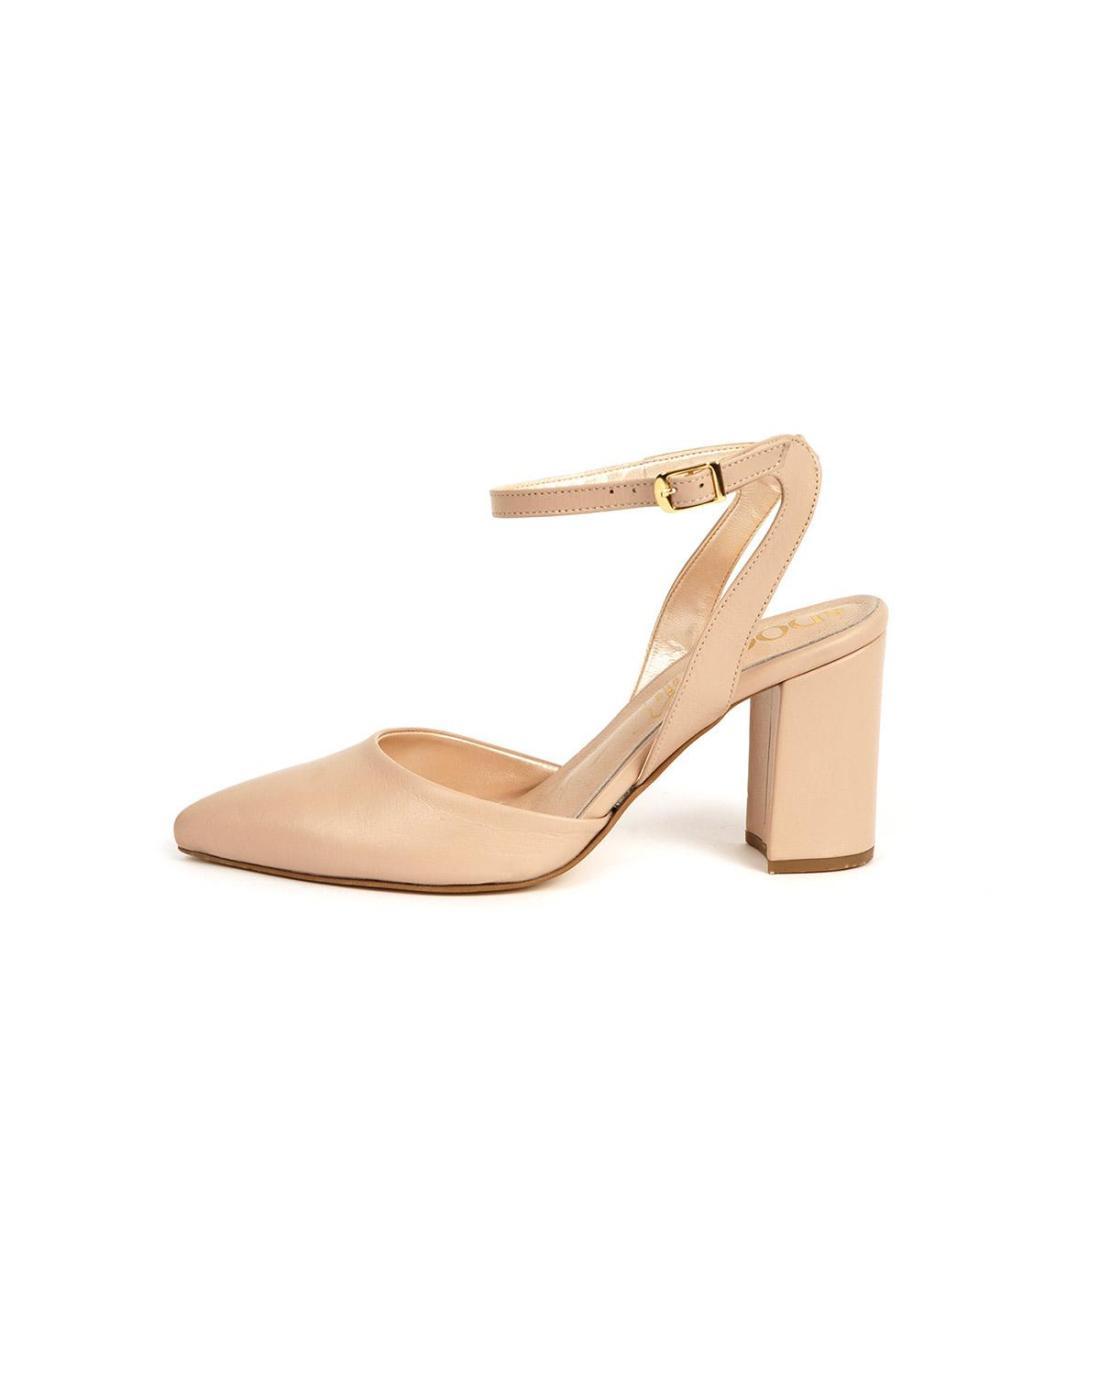 Beige leather block heels